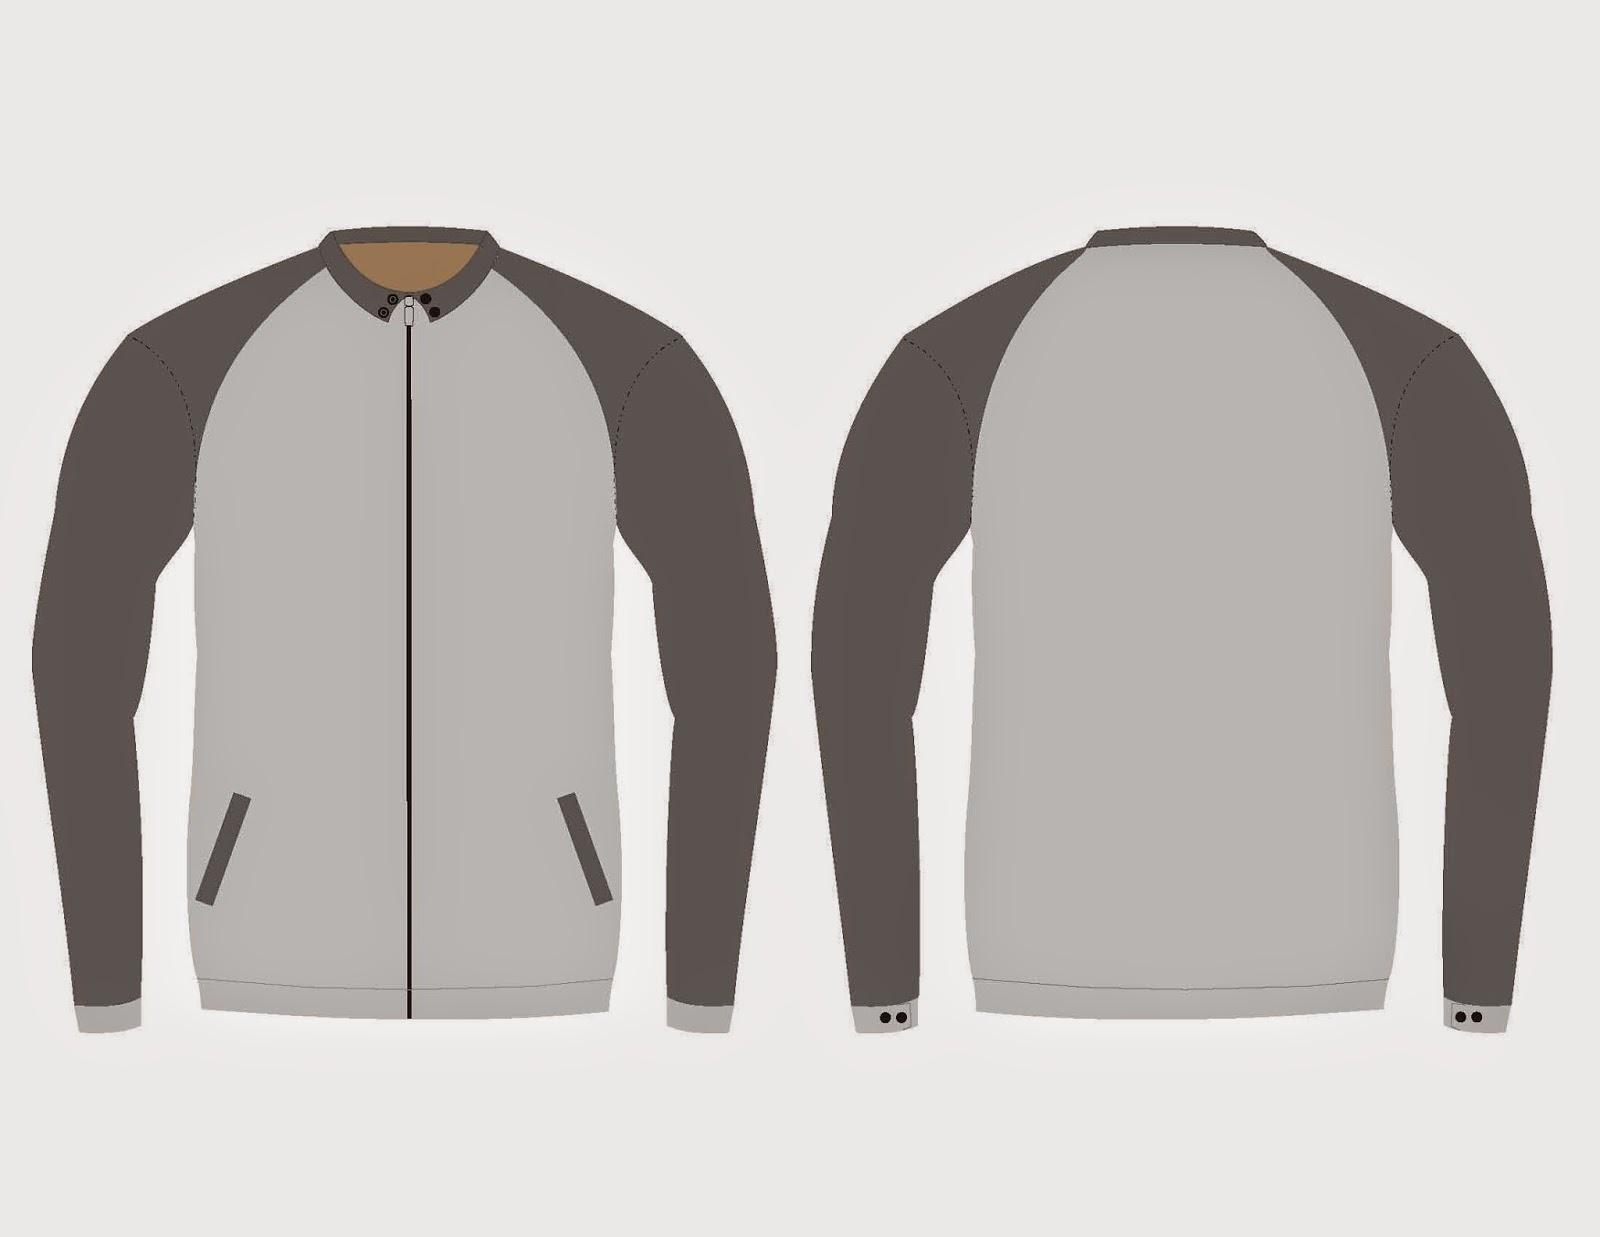 Gambar 3.4 Pemberian Warna Pada Desain Jaket 1d302743b8